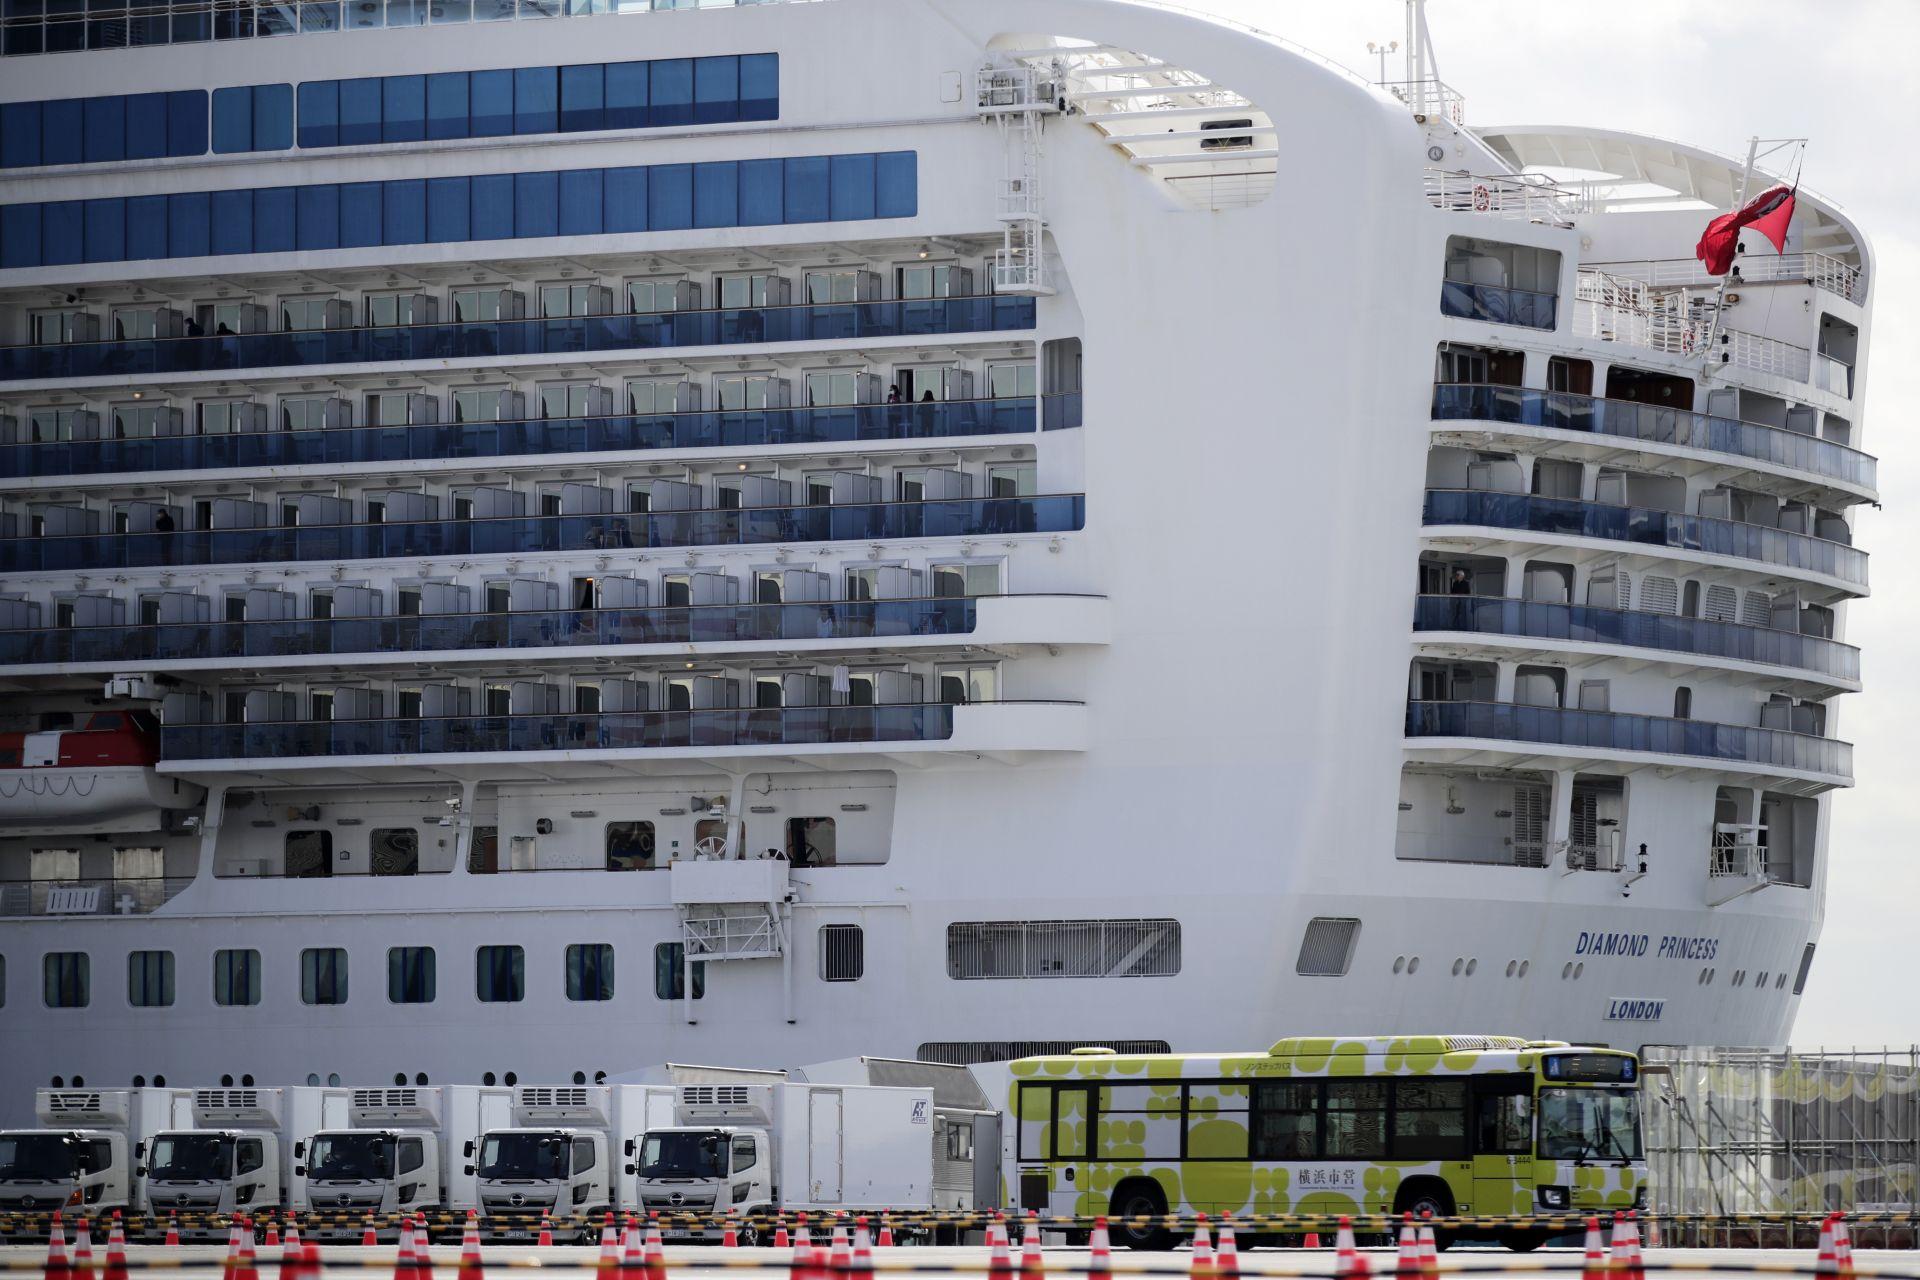 """Стотици пътници започнаха да напускат круизния кораб """"Даймънд принсес"""""""